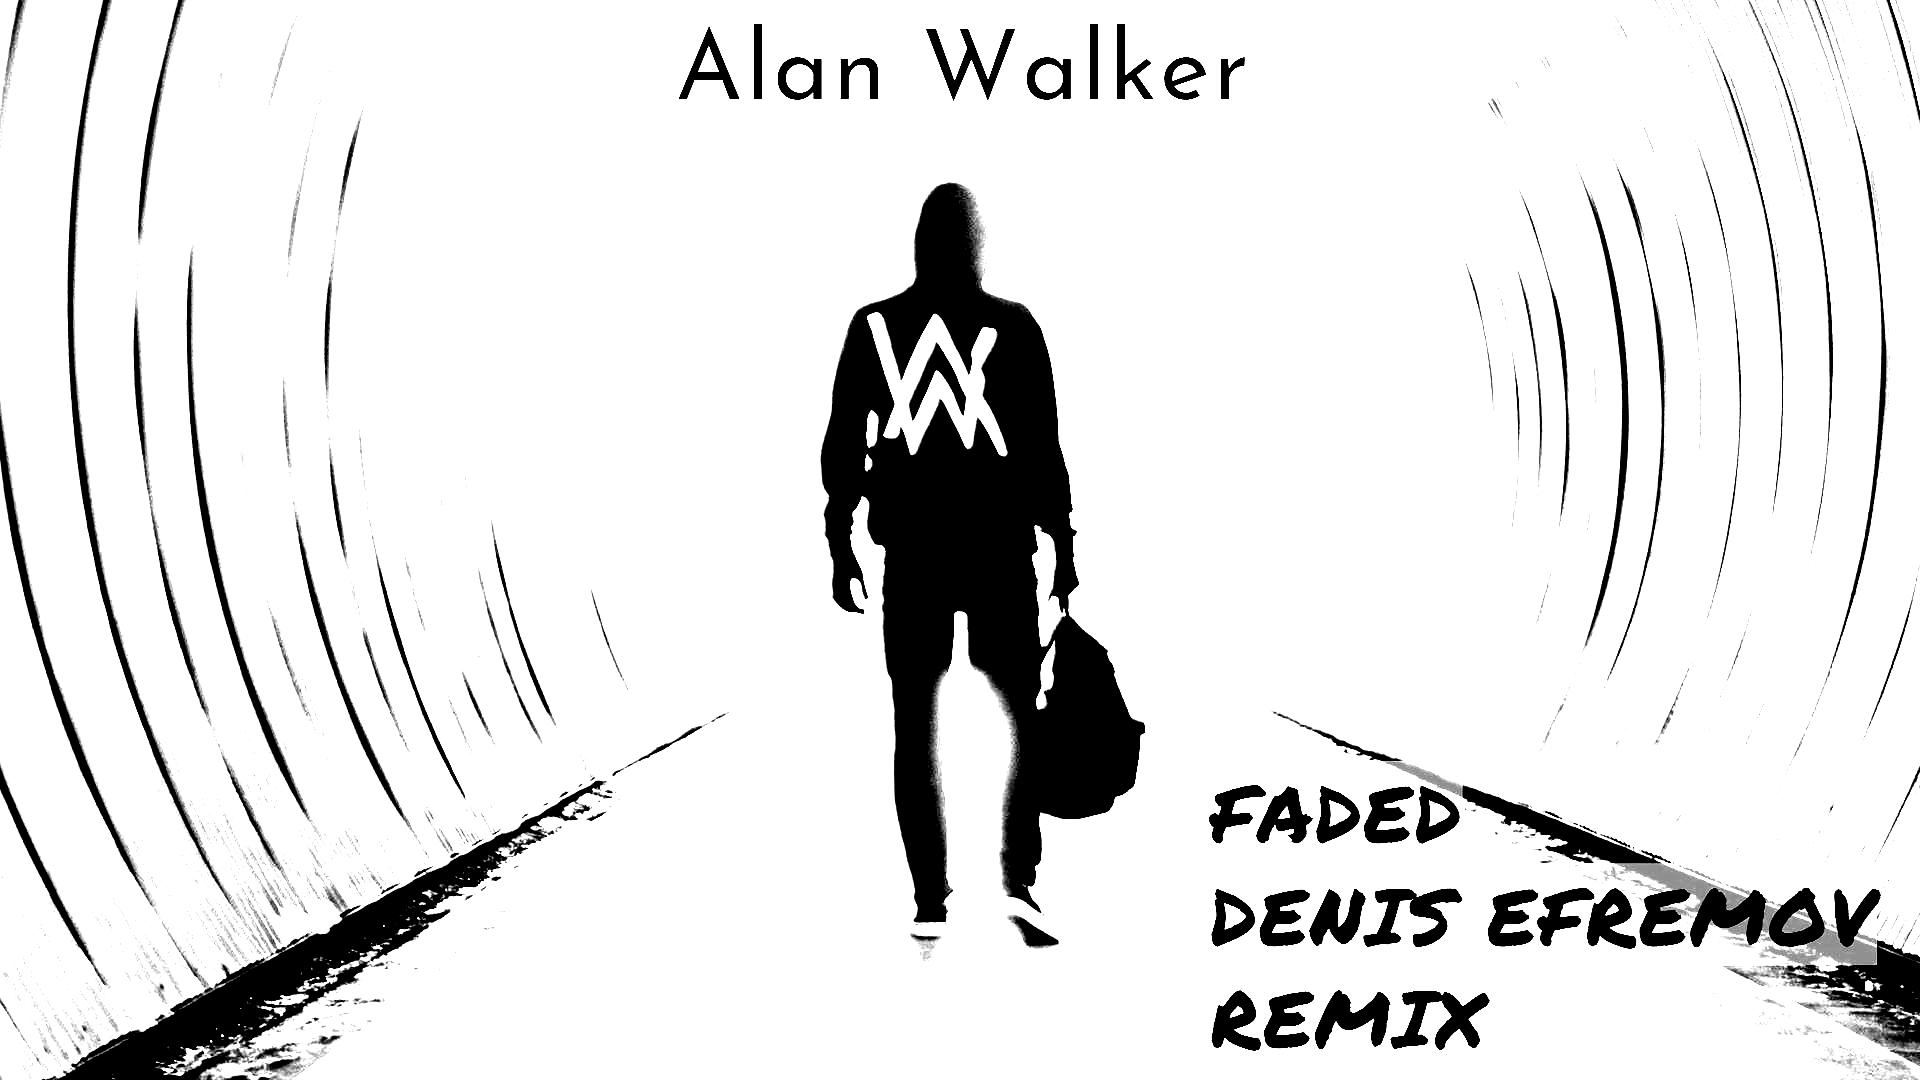 Alan Walker Faded (Denis Efremov Remix) – DENIS EFREMOV